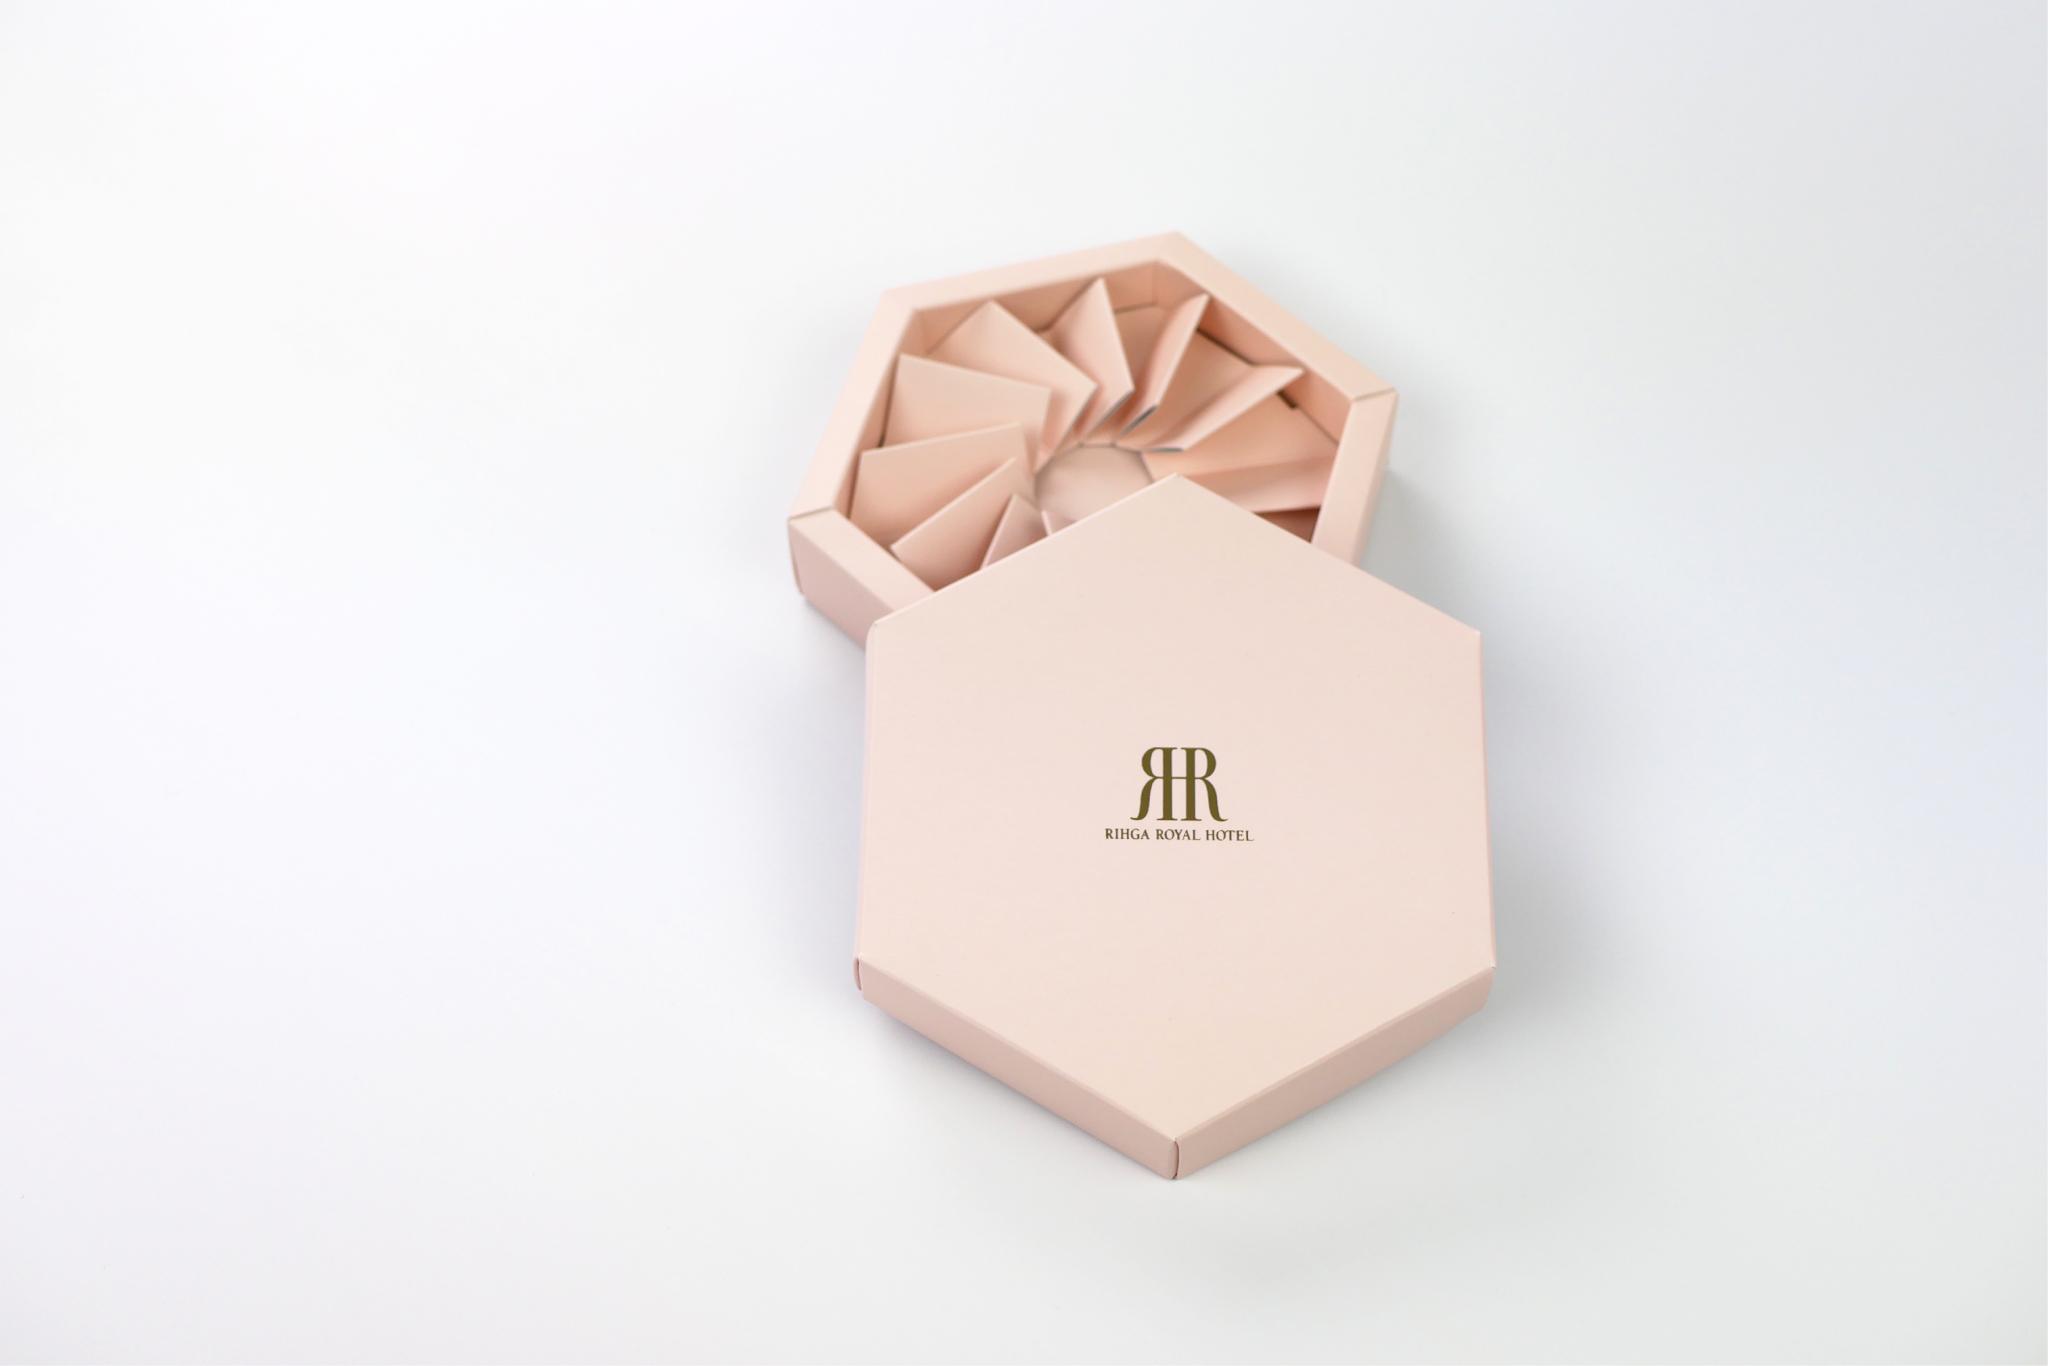 リーガロイヤルホテル様|2020年 ホワイトデーのショコラフルールのパッケージ写真です